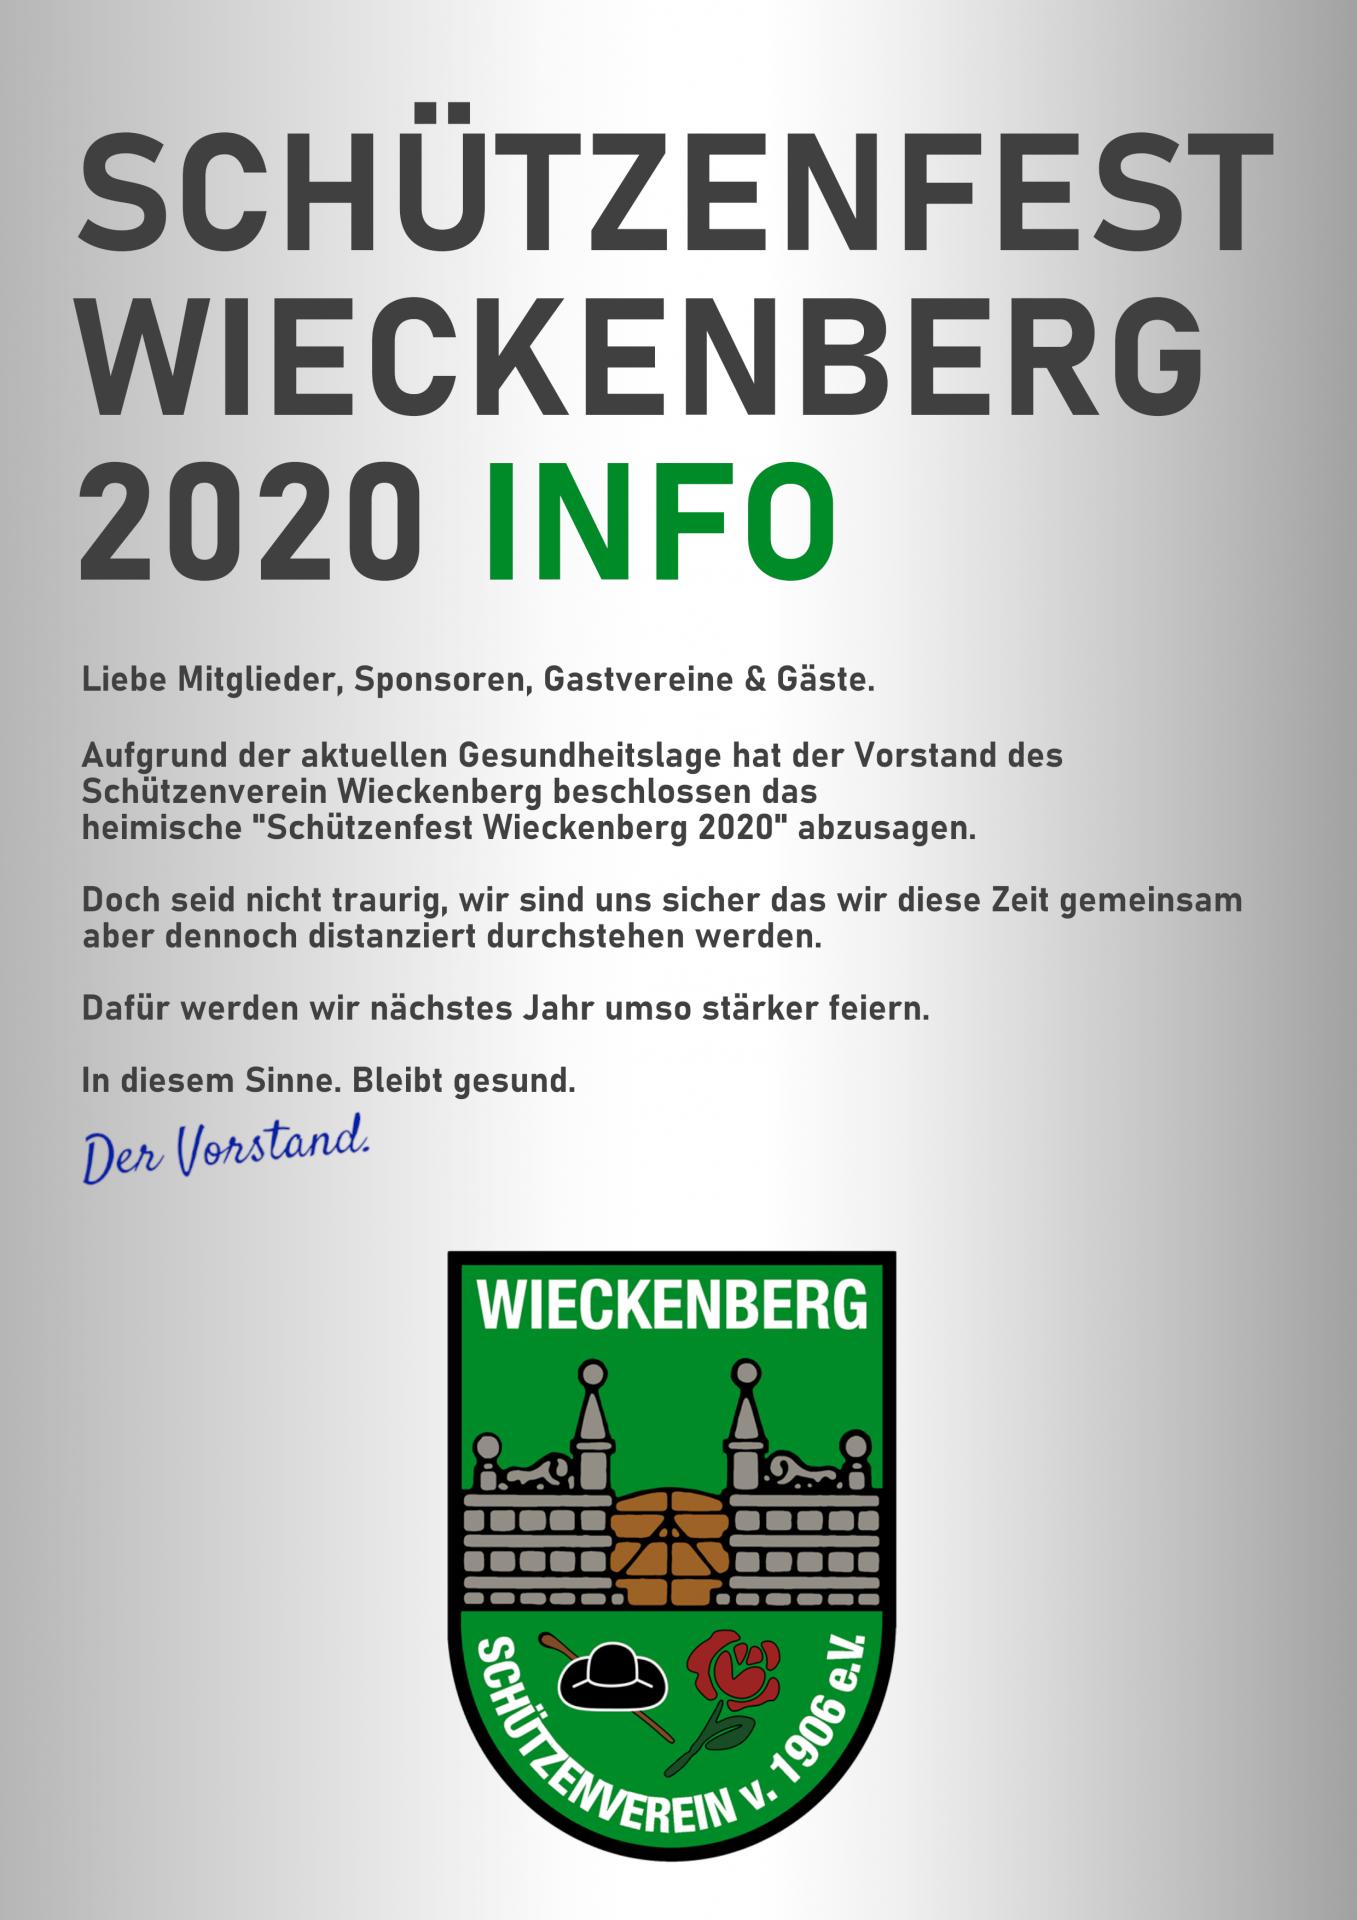 Schützenfest2020